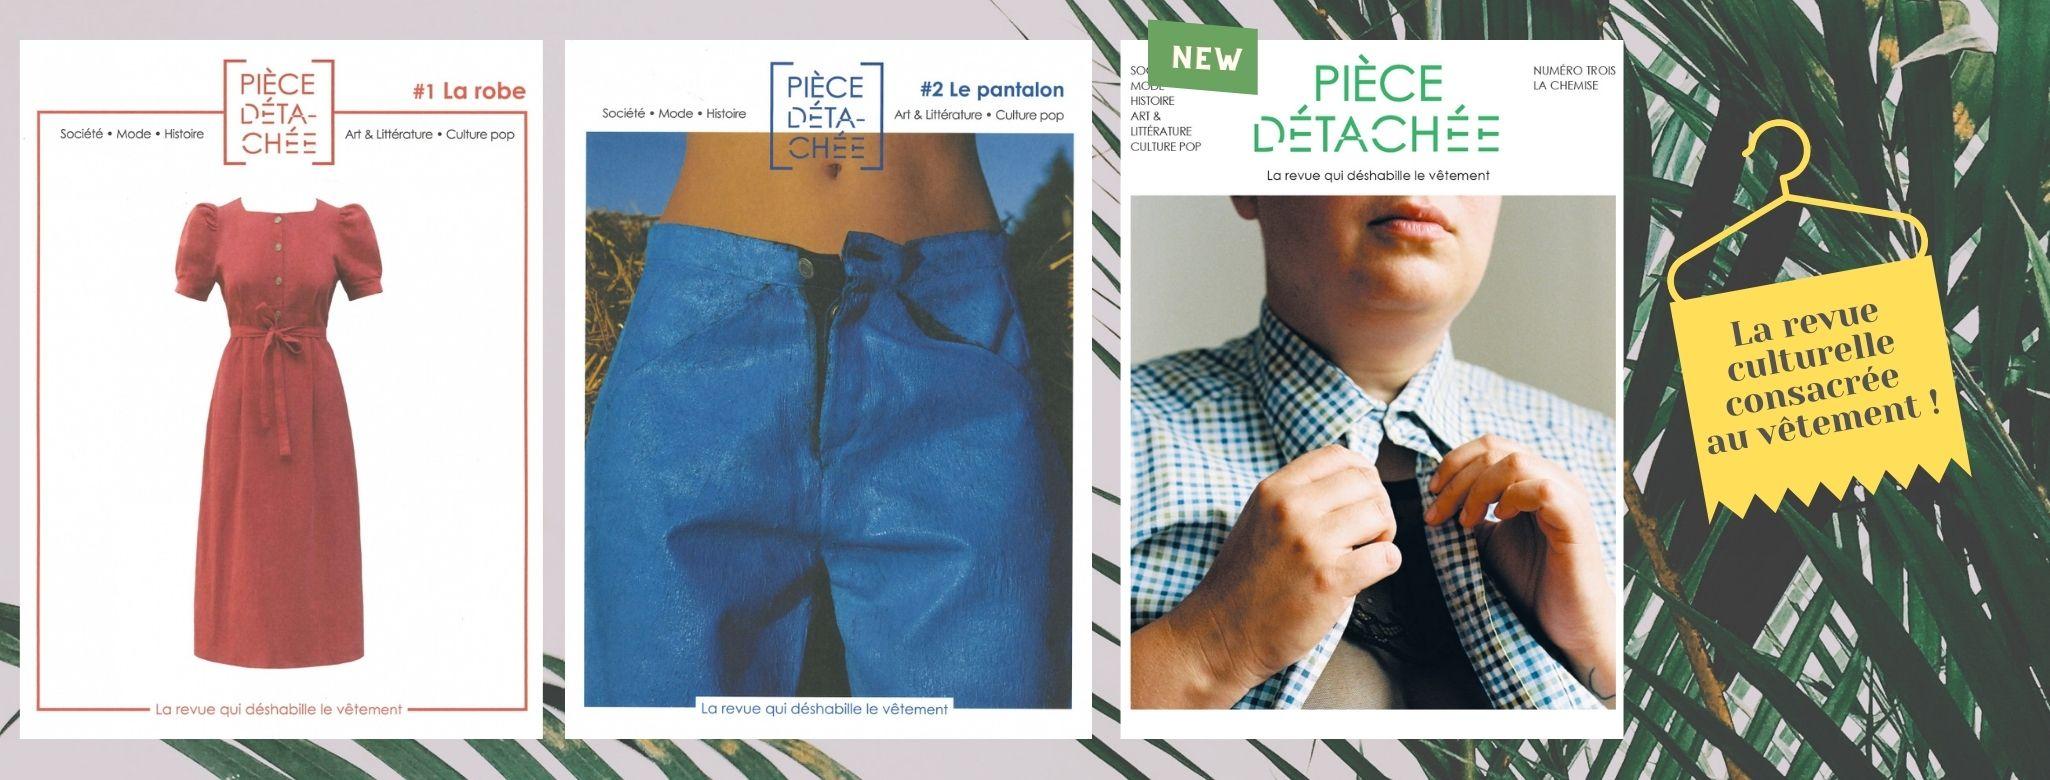 La revue met à l'honneur un vêtement par numéro à travers des articles relevant de champs divers, des nouvelles, des entretiens et des reportages.